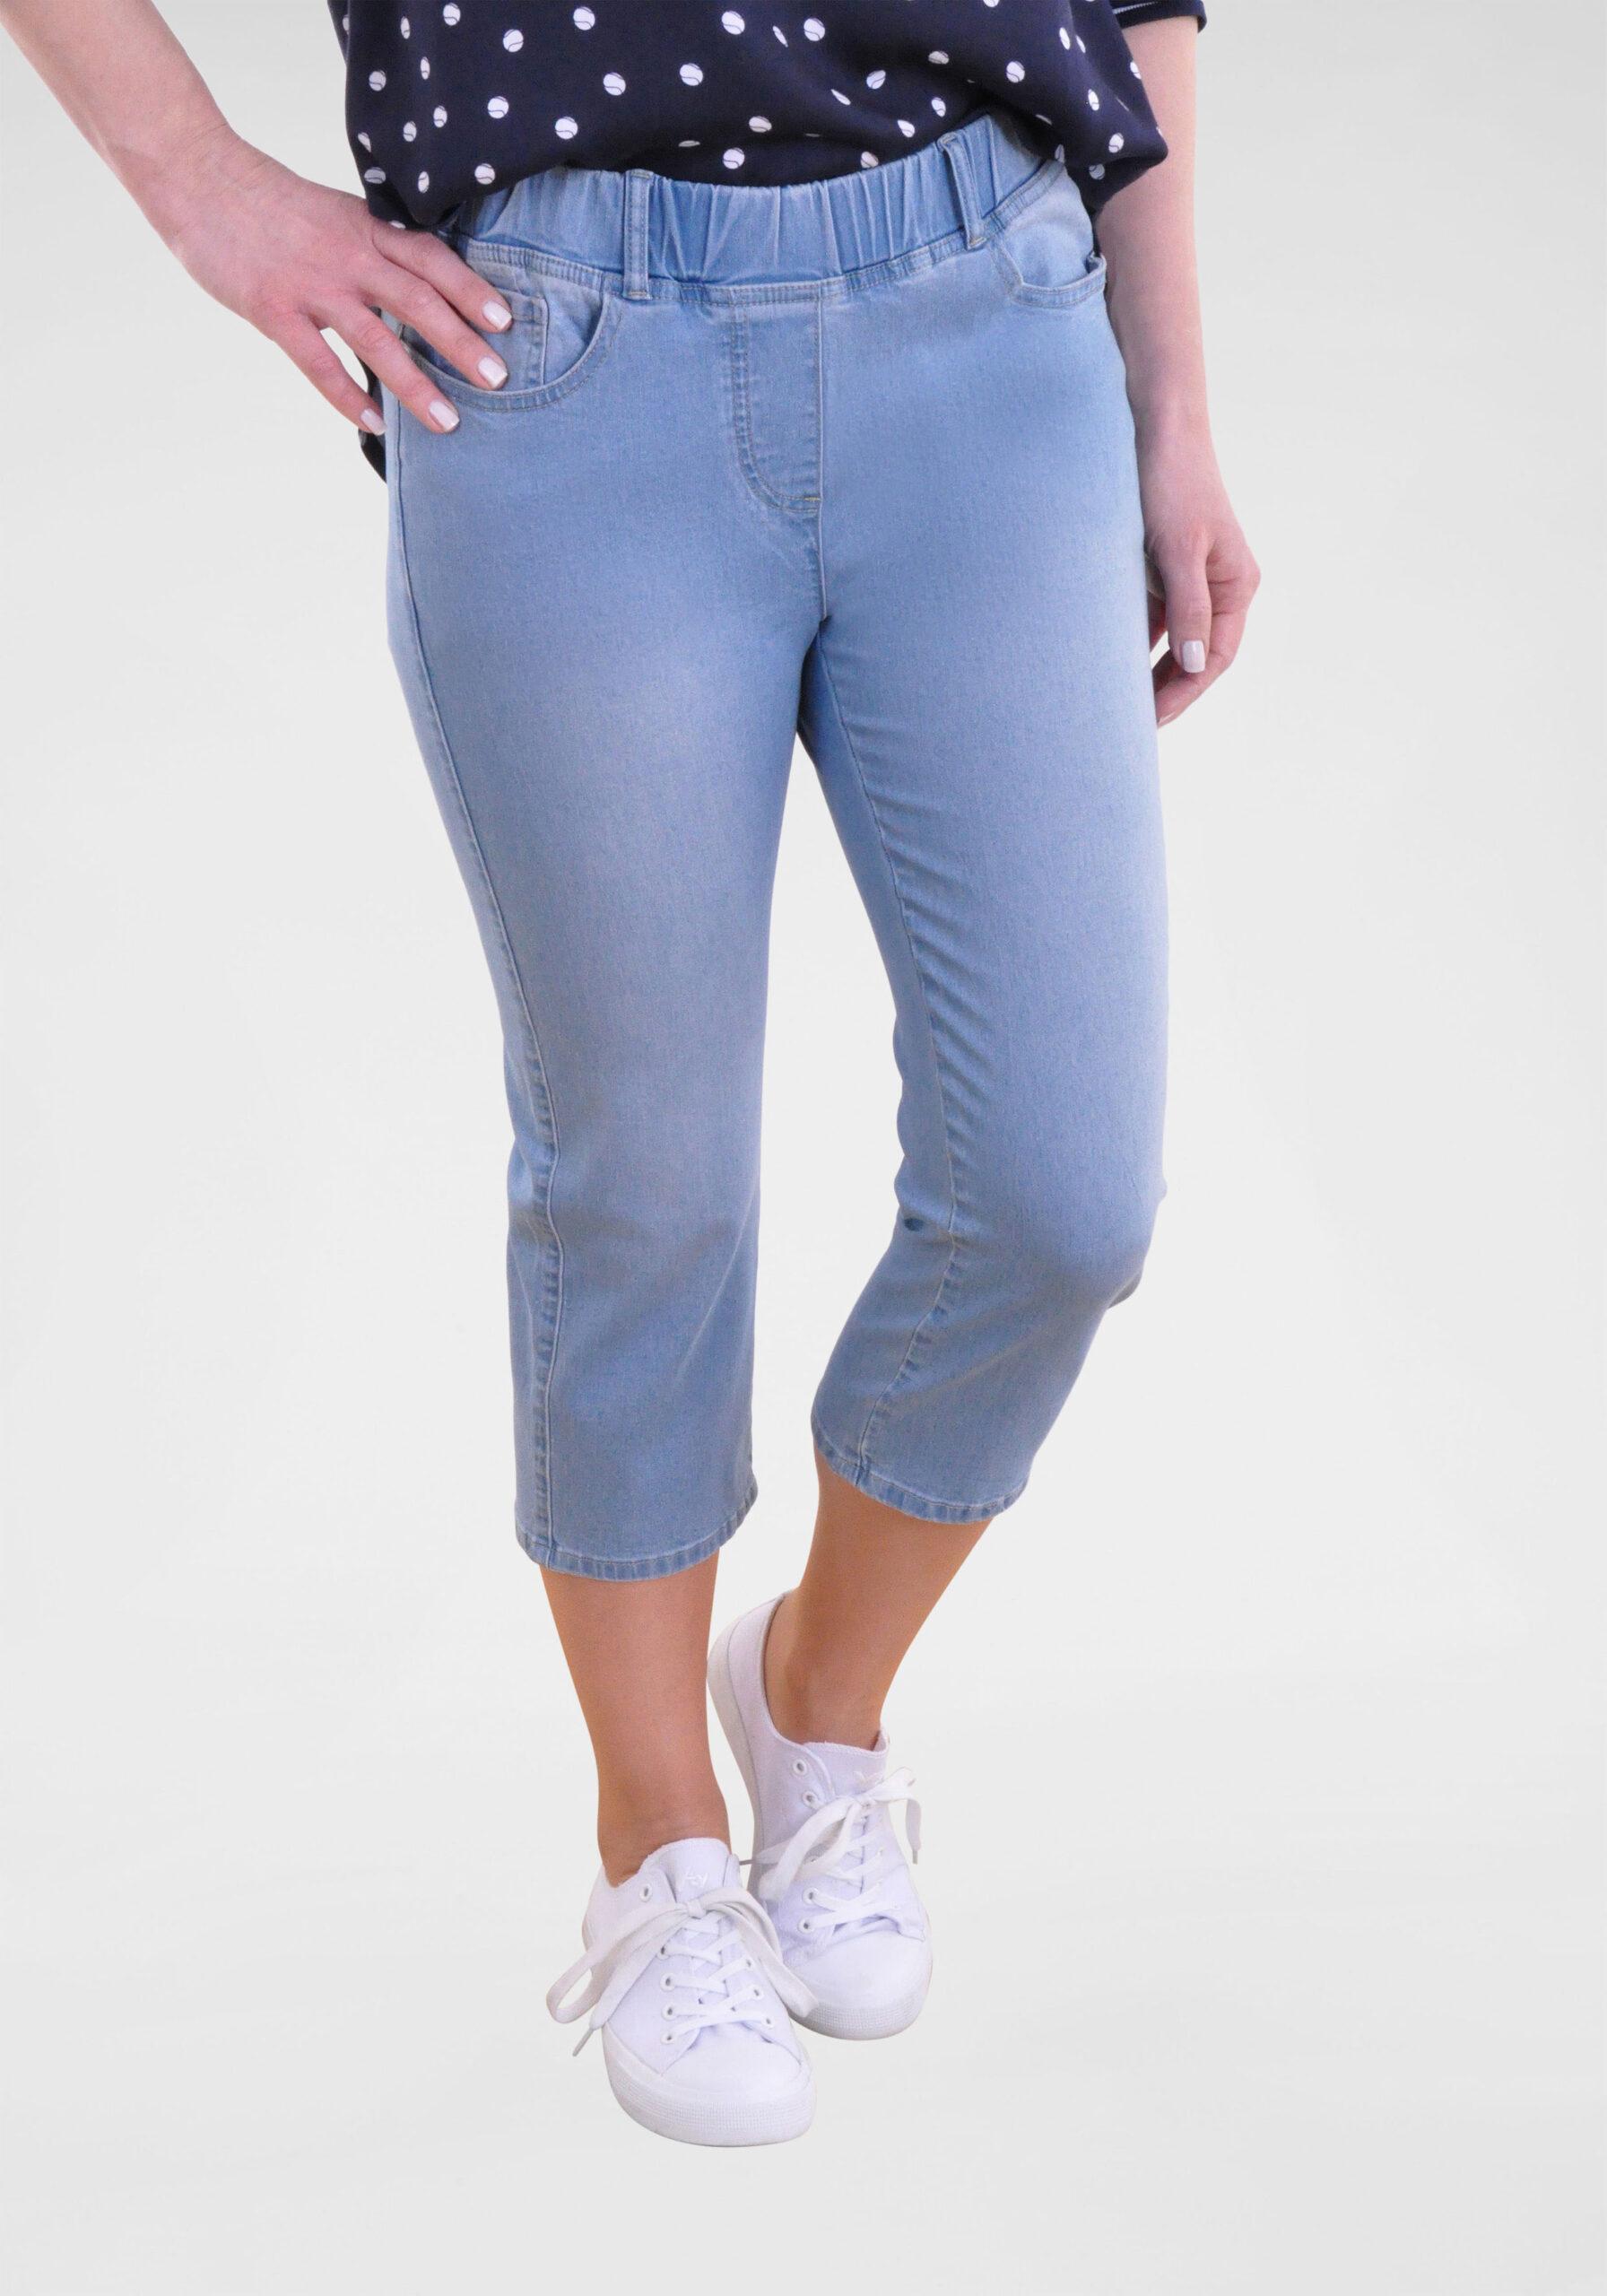 Damen Stretchige Capri-Jeans Hellblau